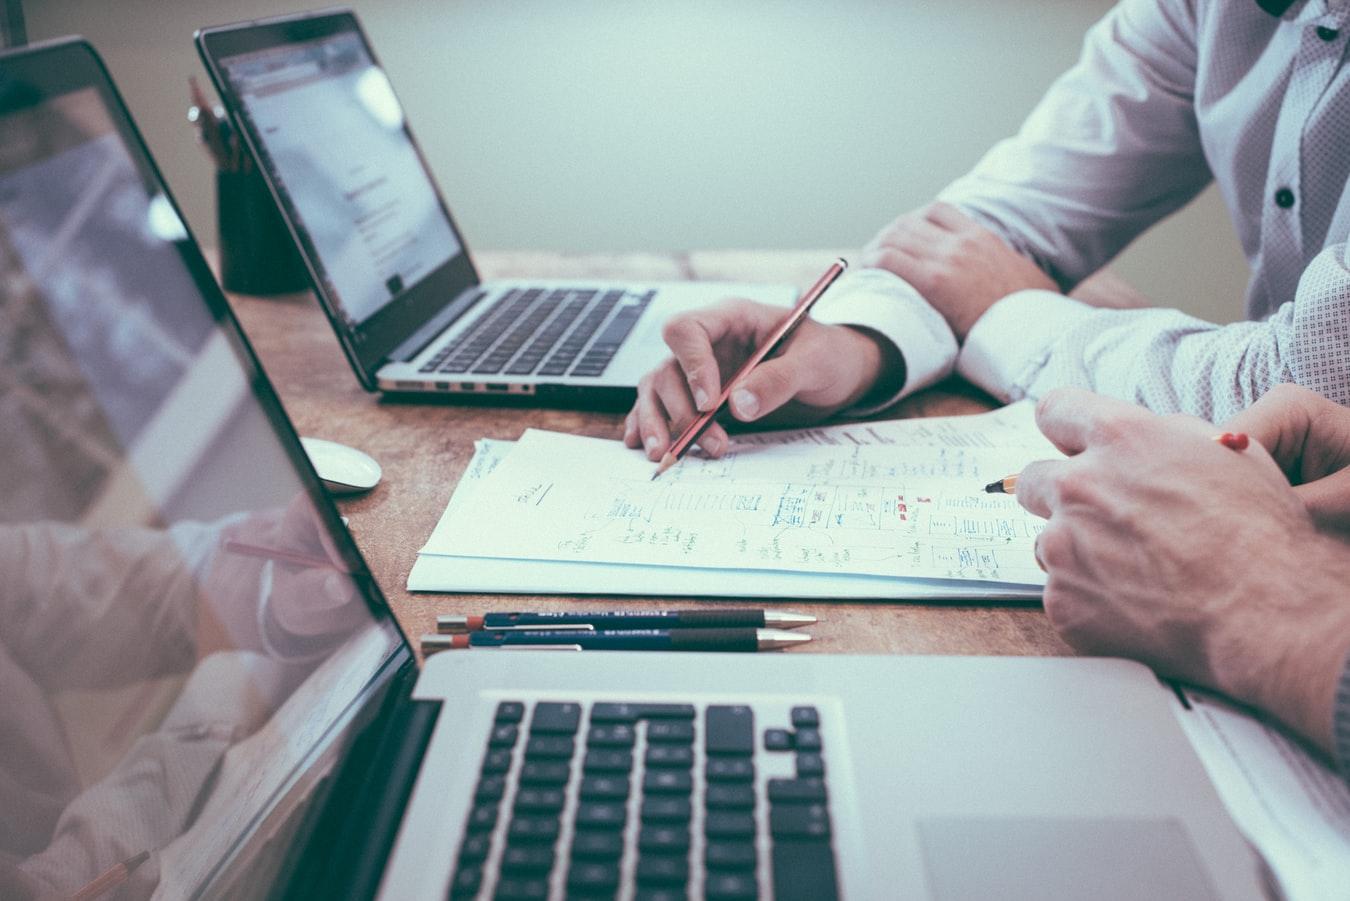 Cоздать онлайн-курс: 7 простых шагов